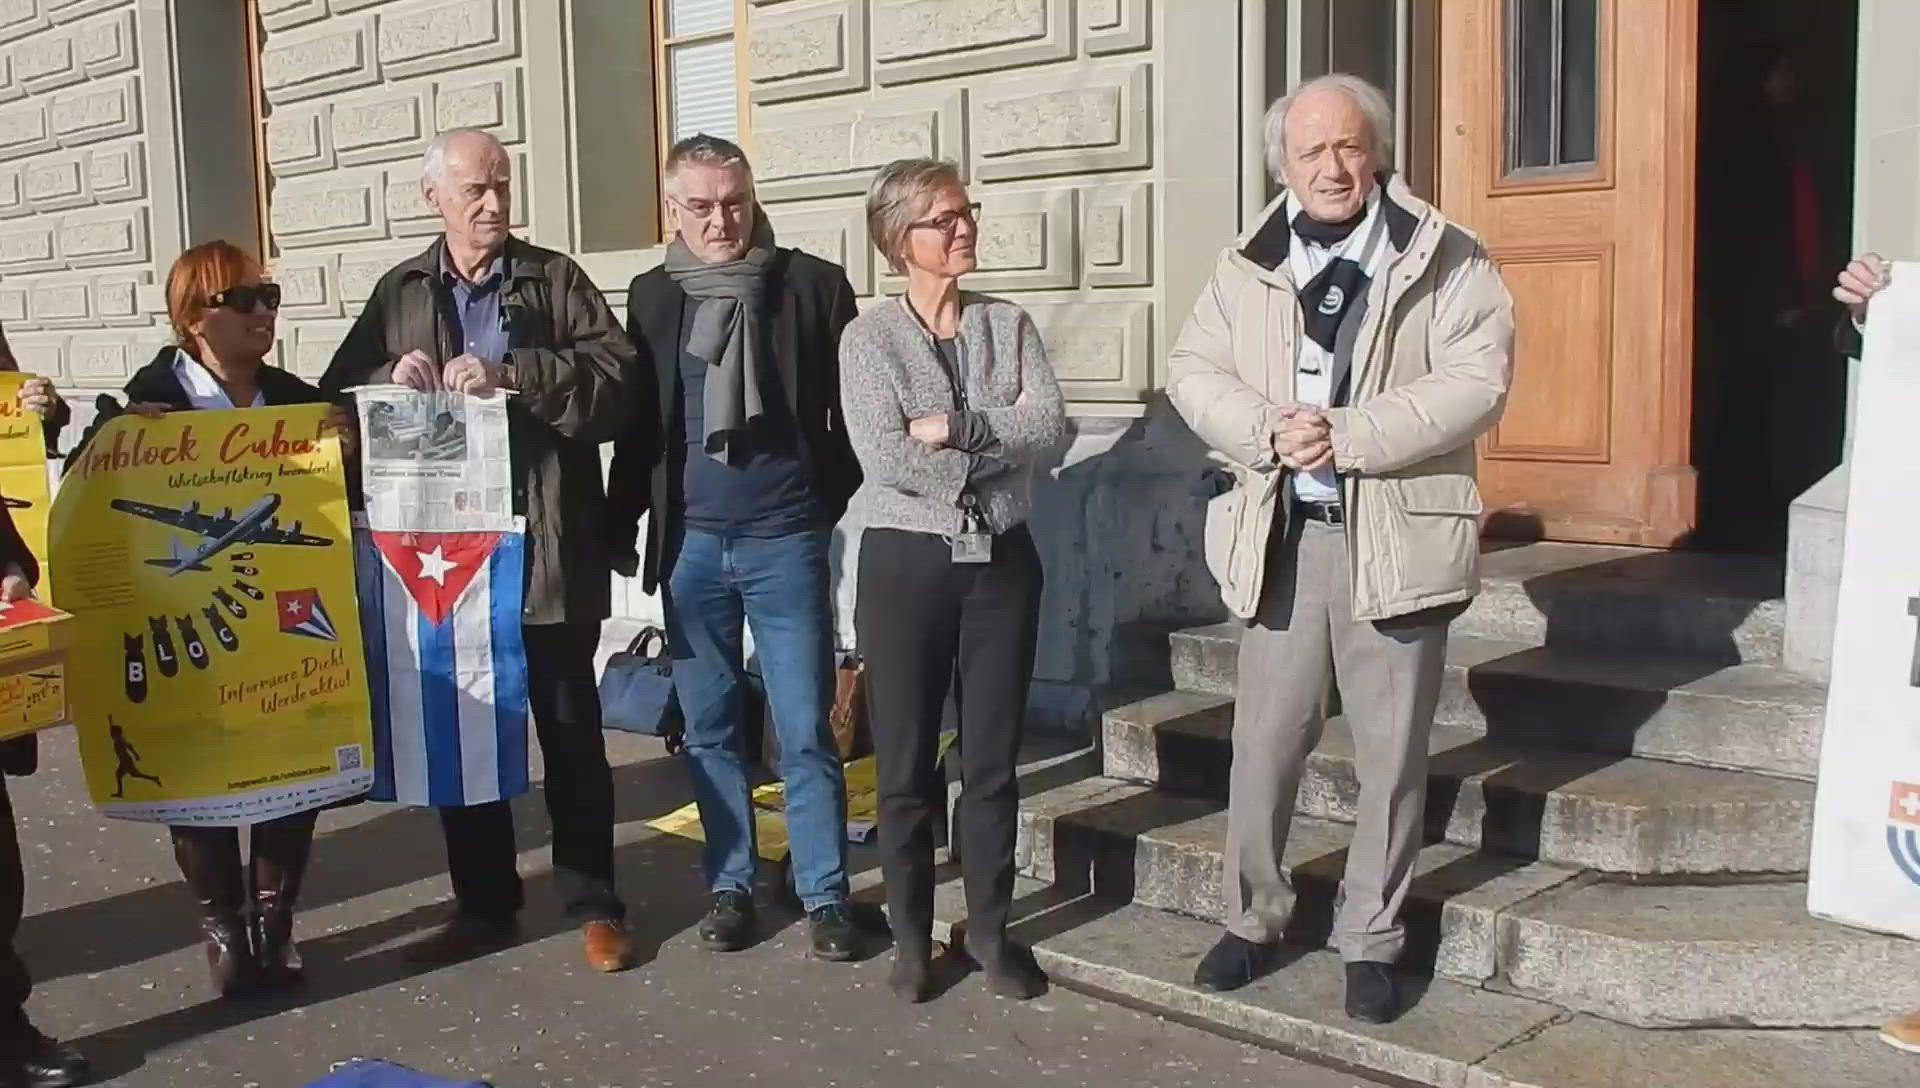 Petitiionsübergabe - Rede von Franco Cavalli